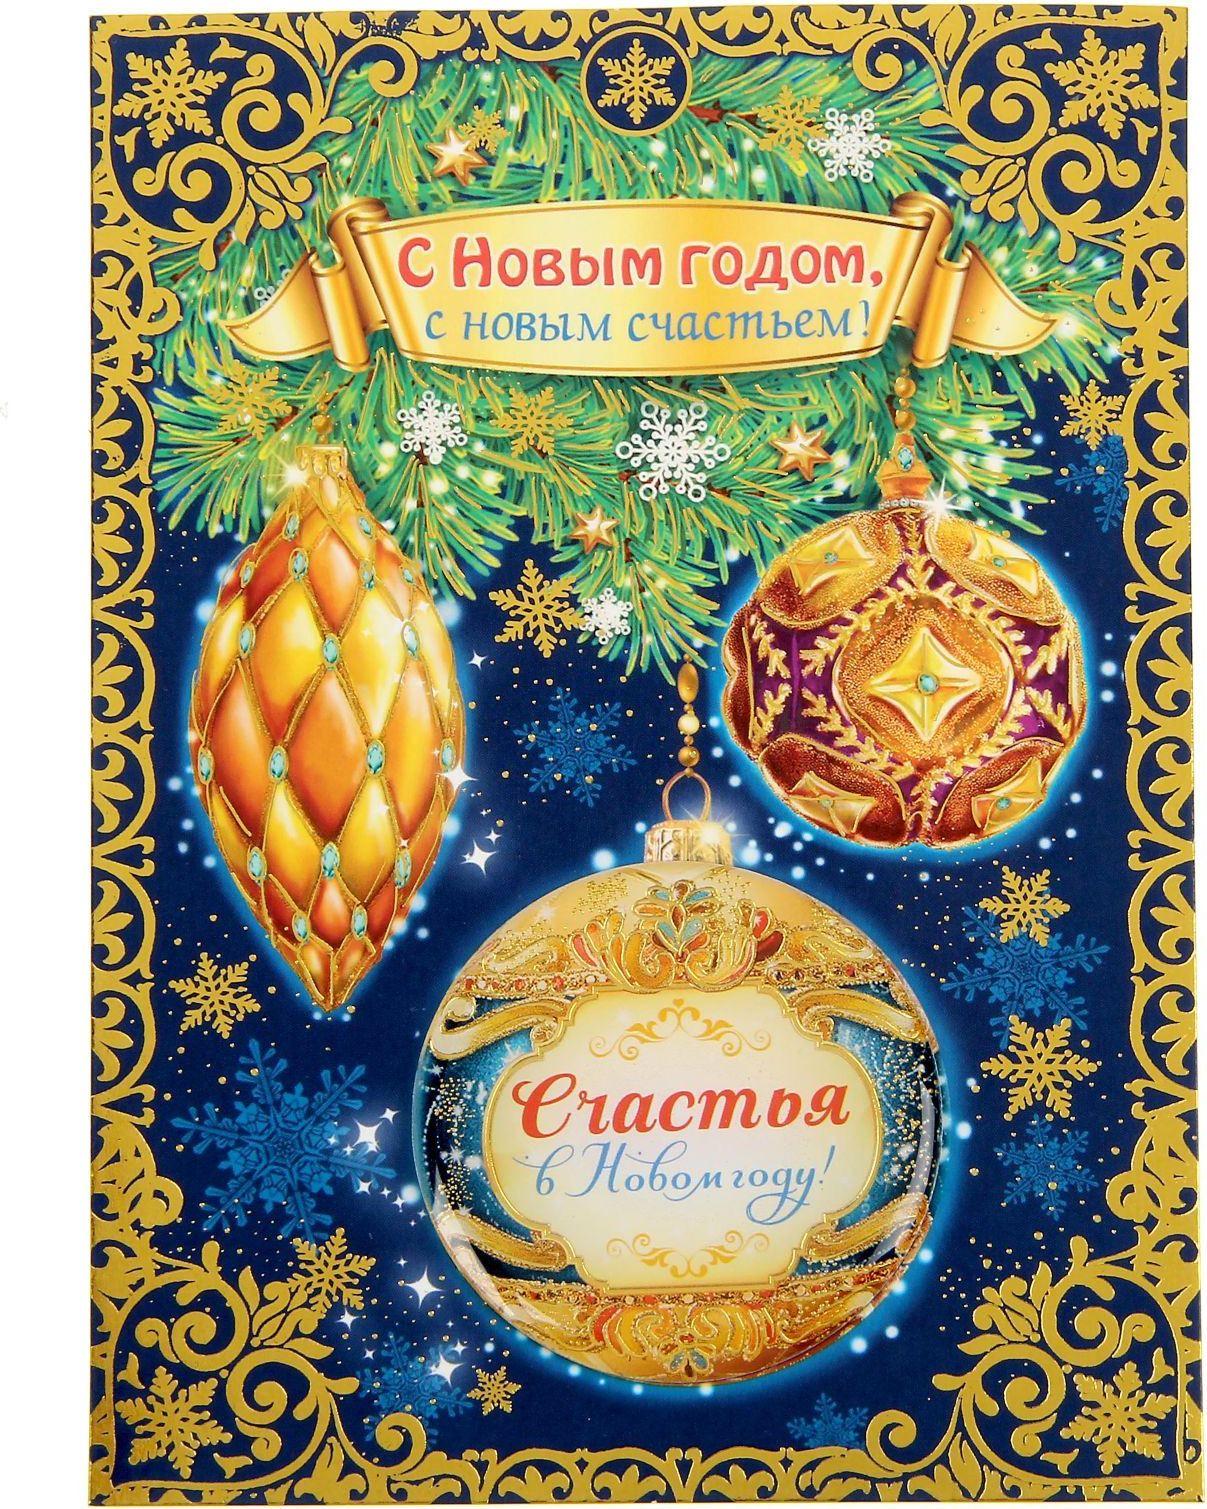 Магнит Sima-land С Новым годом! С новым счастьем!, с открыткой, 10,5 х 14,5 см1306108Порадуйте родных и близких оригинальным сувениром: преподнесите в подарок магнит Sima-land С Новым годом! С новым счастьем!. С ним даже самый серьезный человек почувствует себя ребенком, ожидающим чудо!Создайте праздничное настроение, и оно останется с вами на весь год.Размер: 10,5 х 14,5 см.